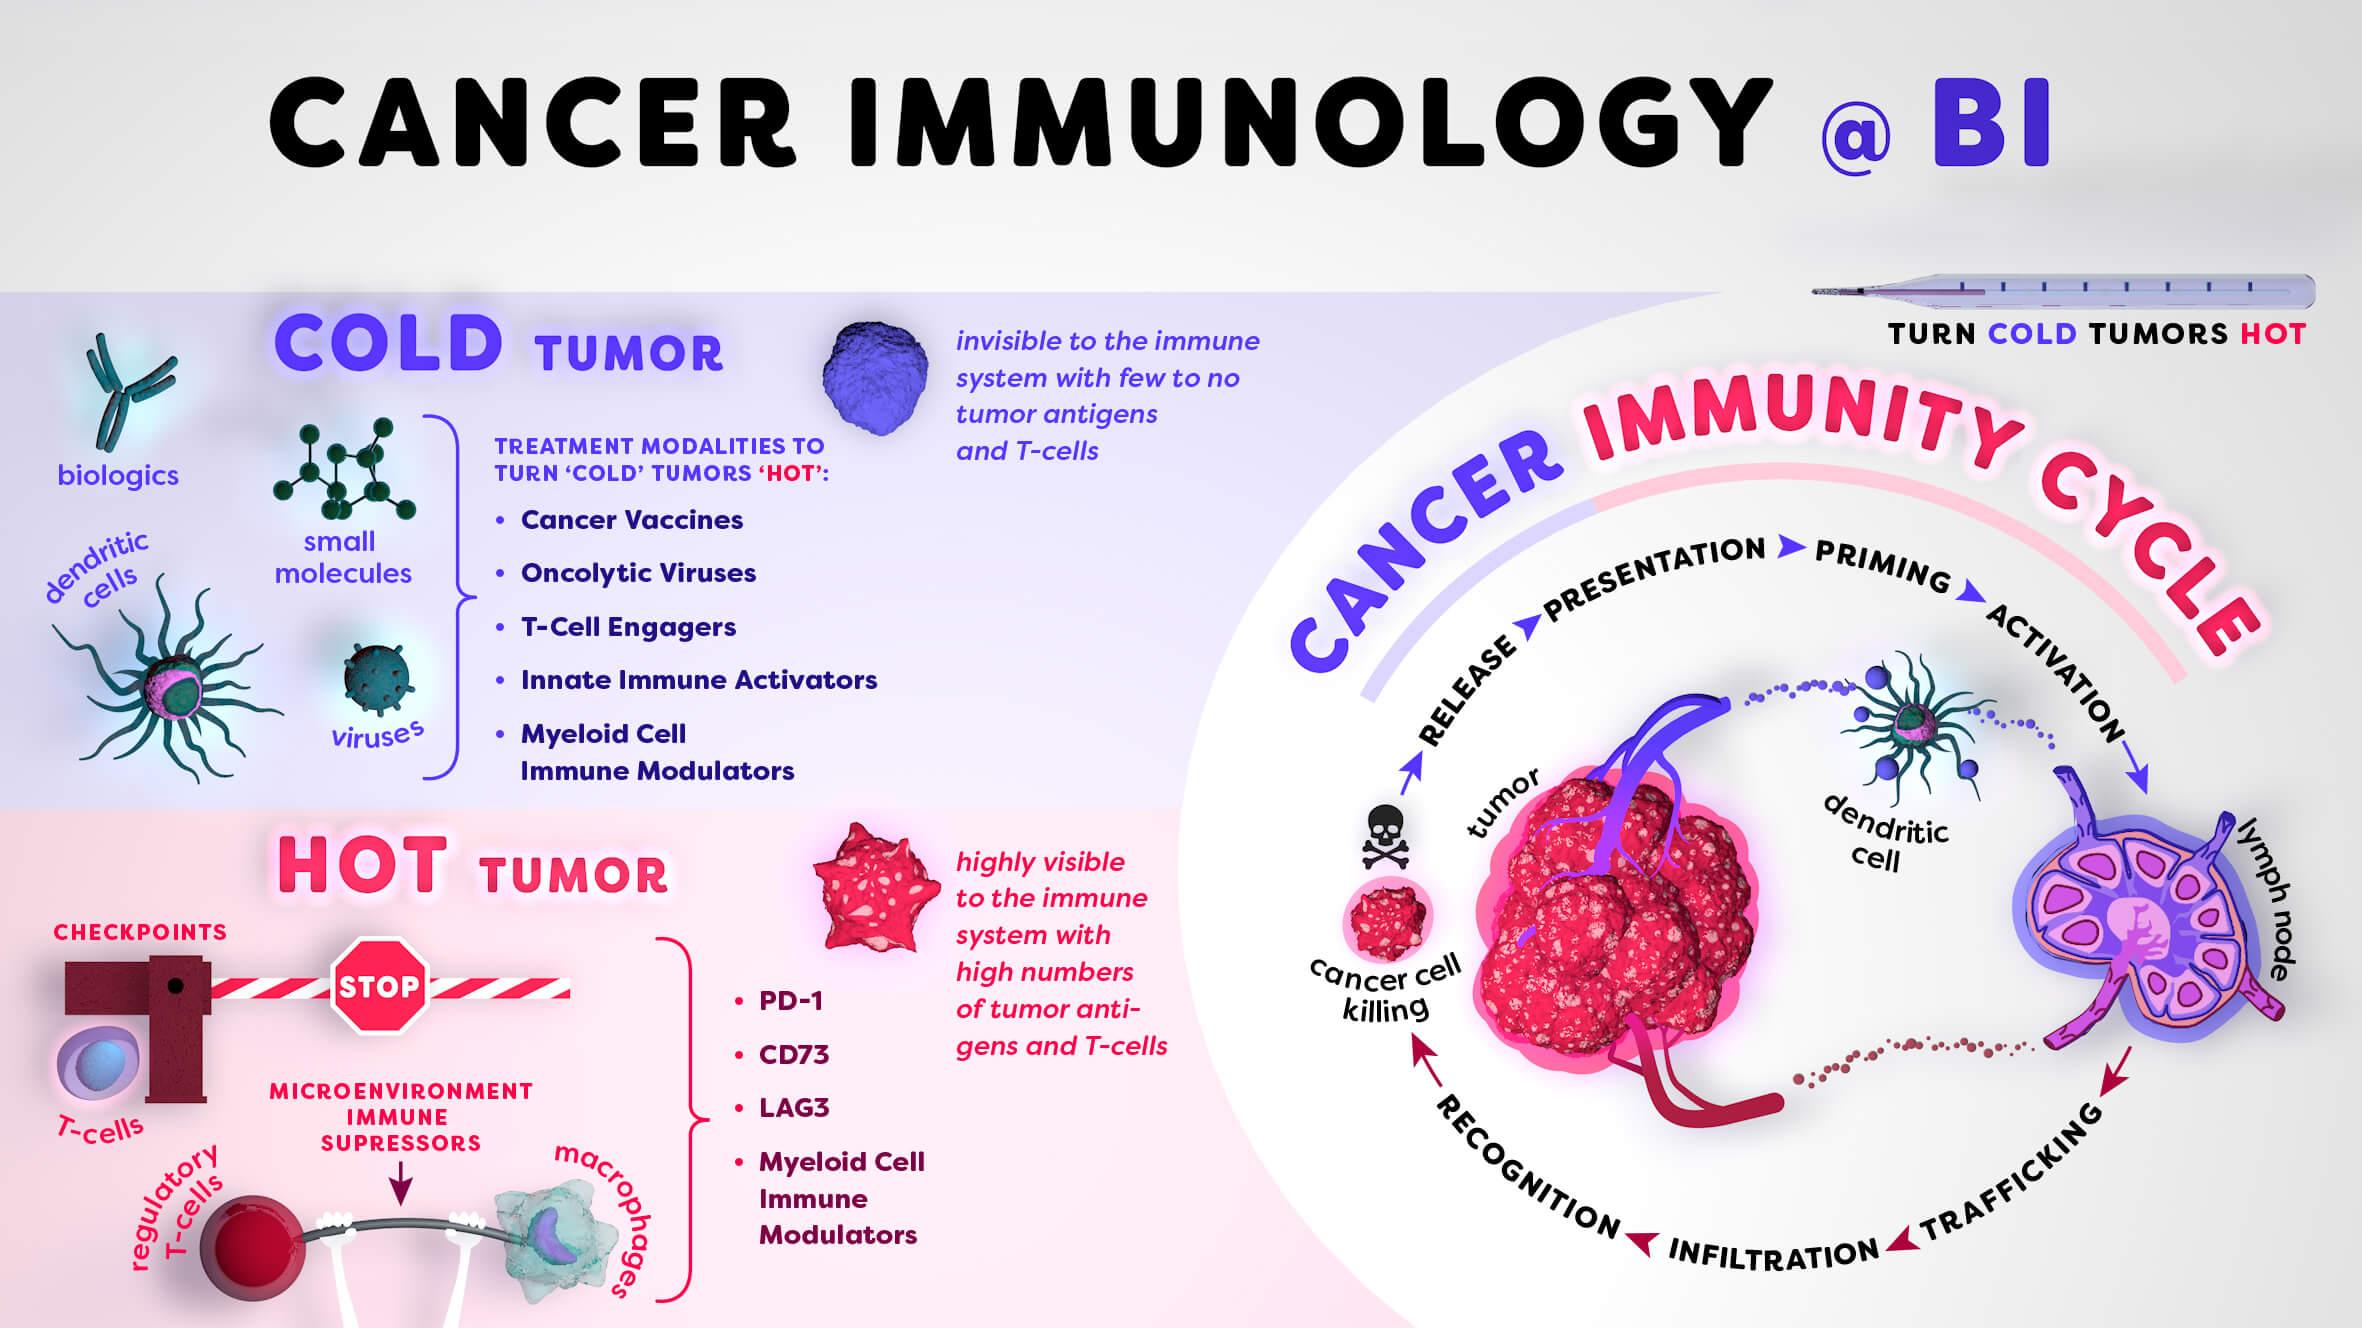 Infographic / Cancer Immunology @ Boehringer Ingelheim © Daniela Leitner